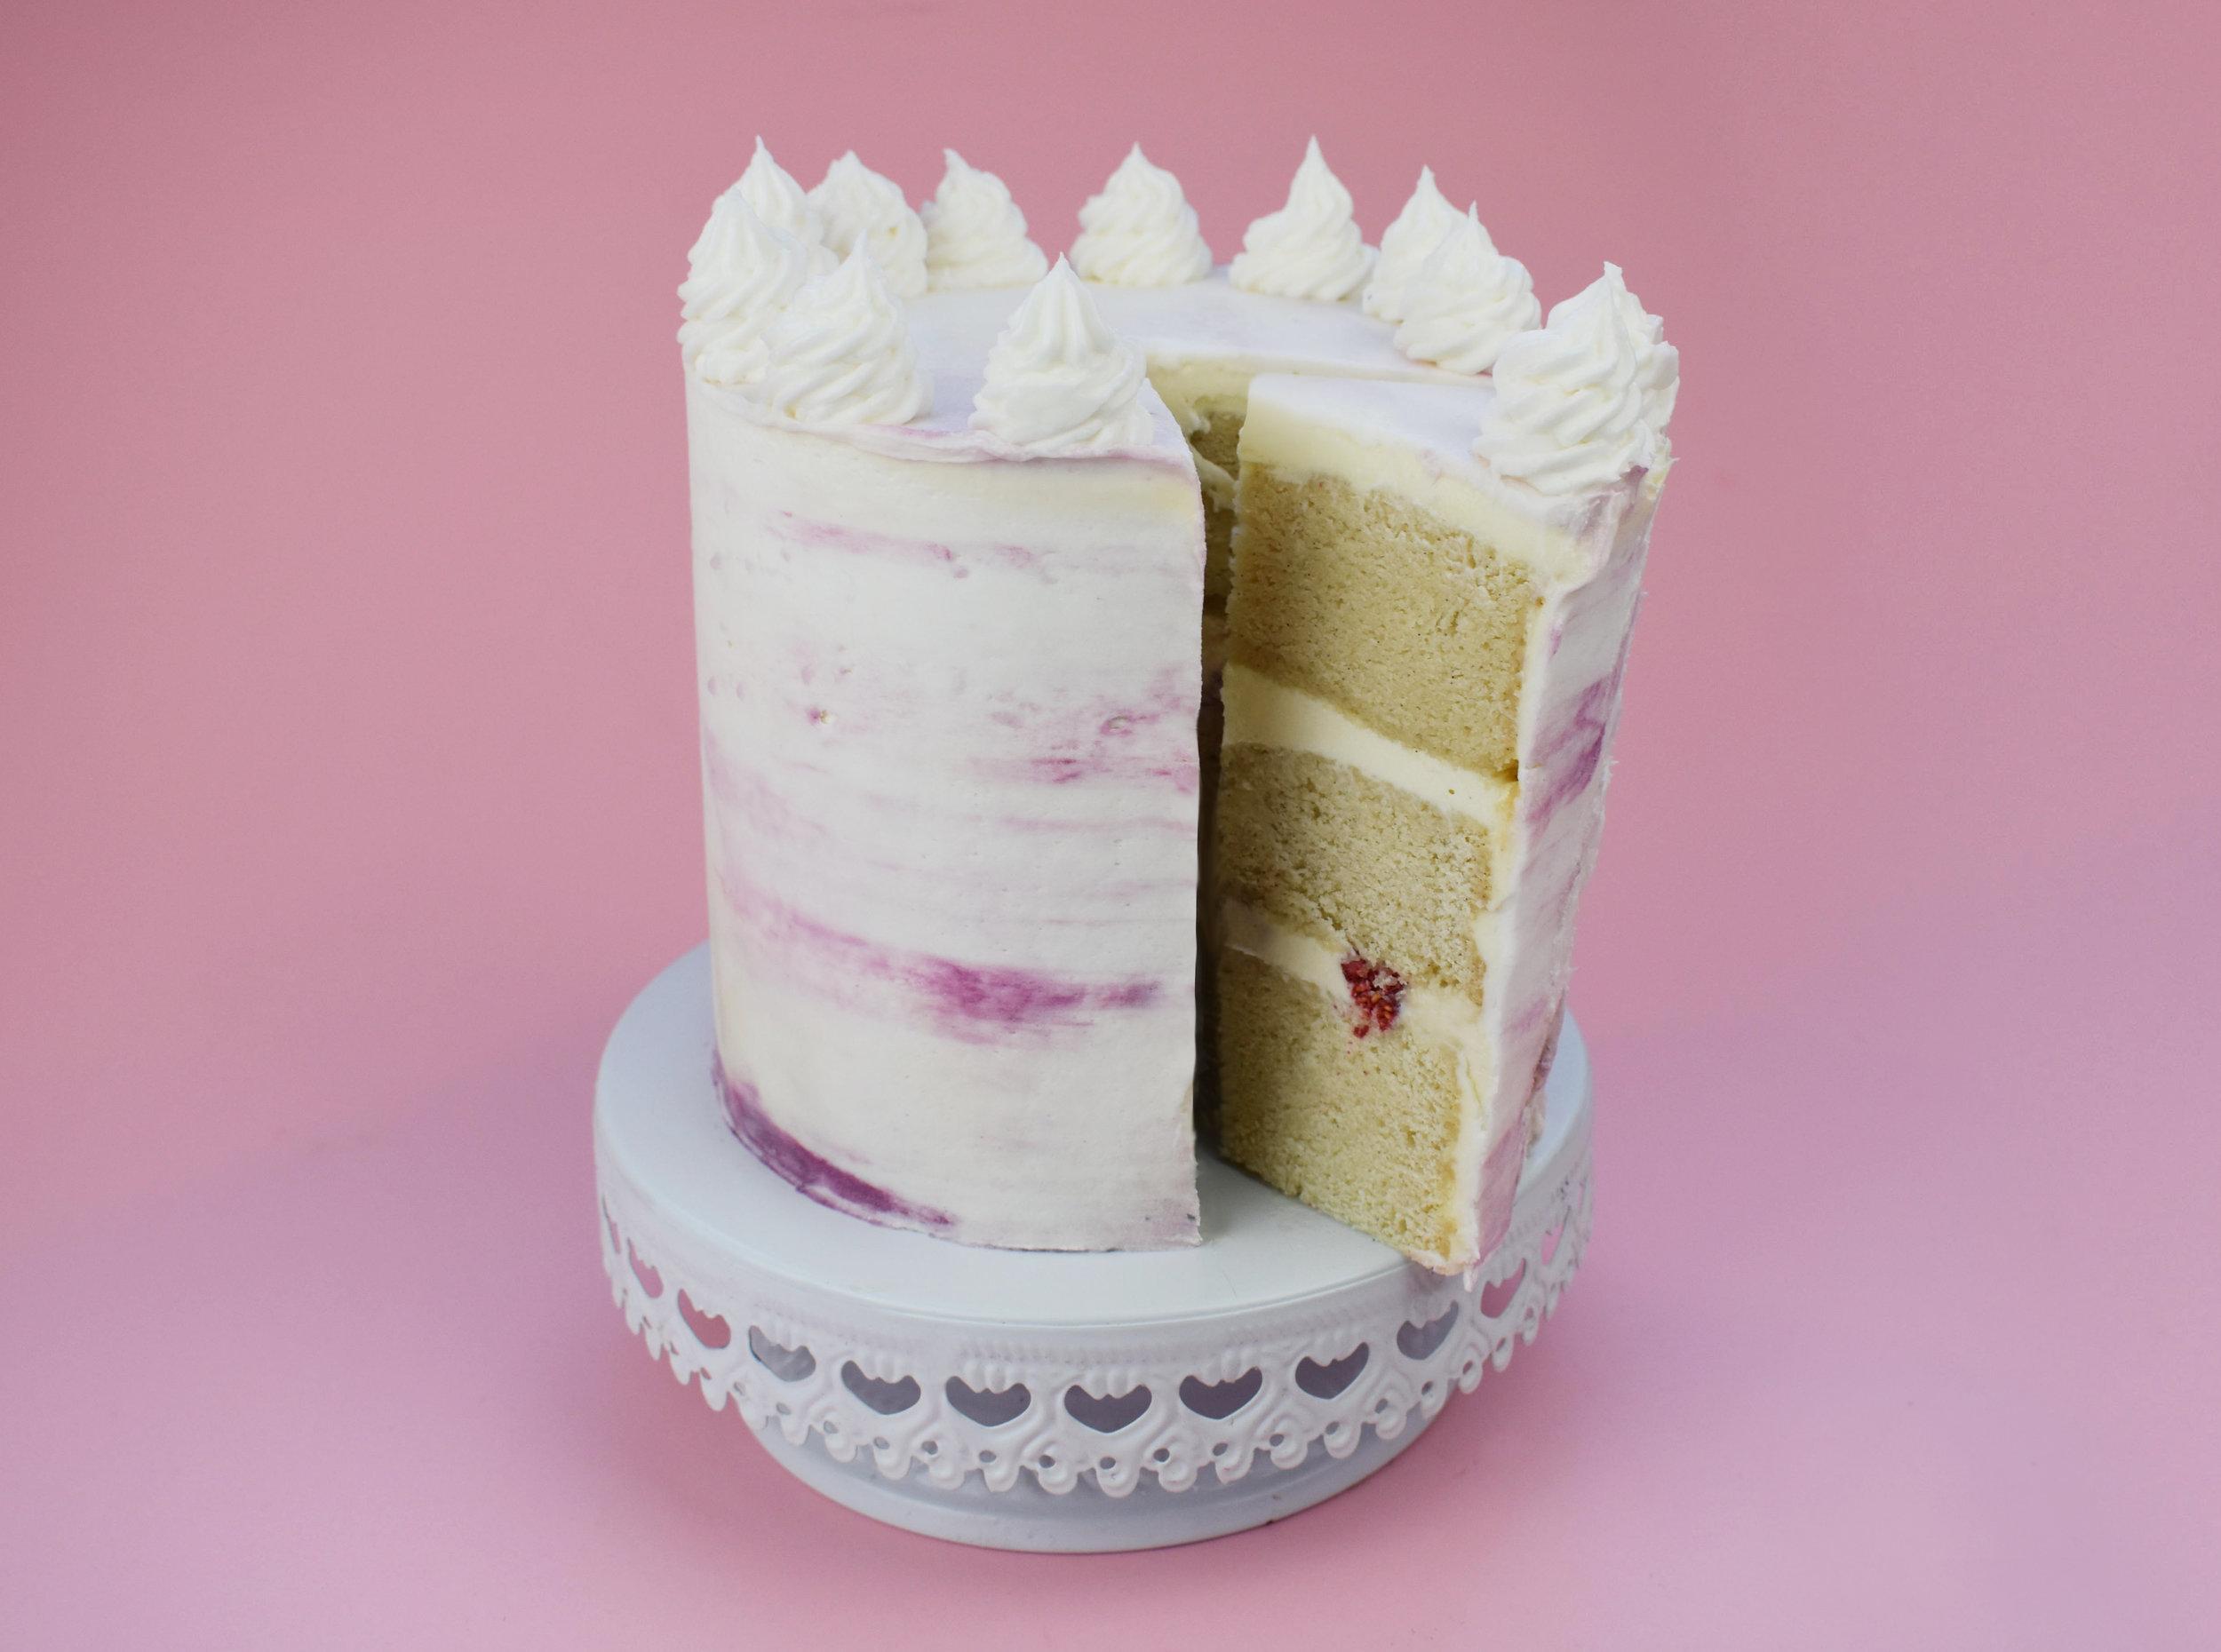 vegan White Chocoholic Mud Cake with Buttercream and Raspberries